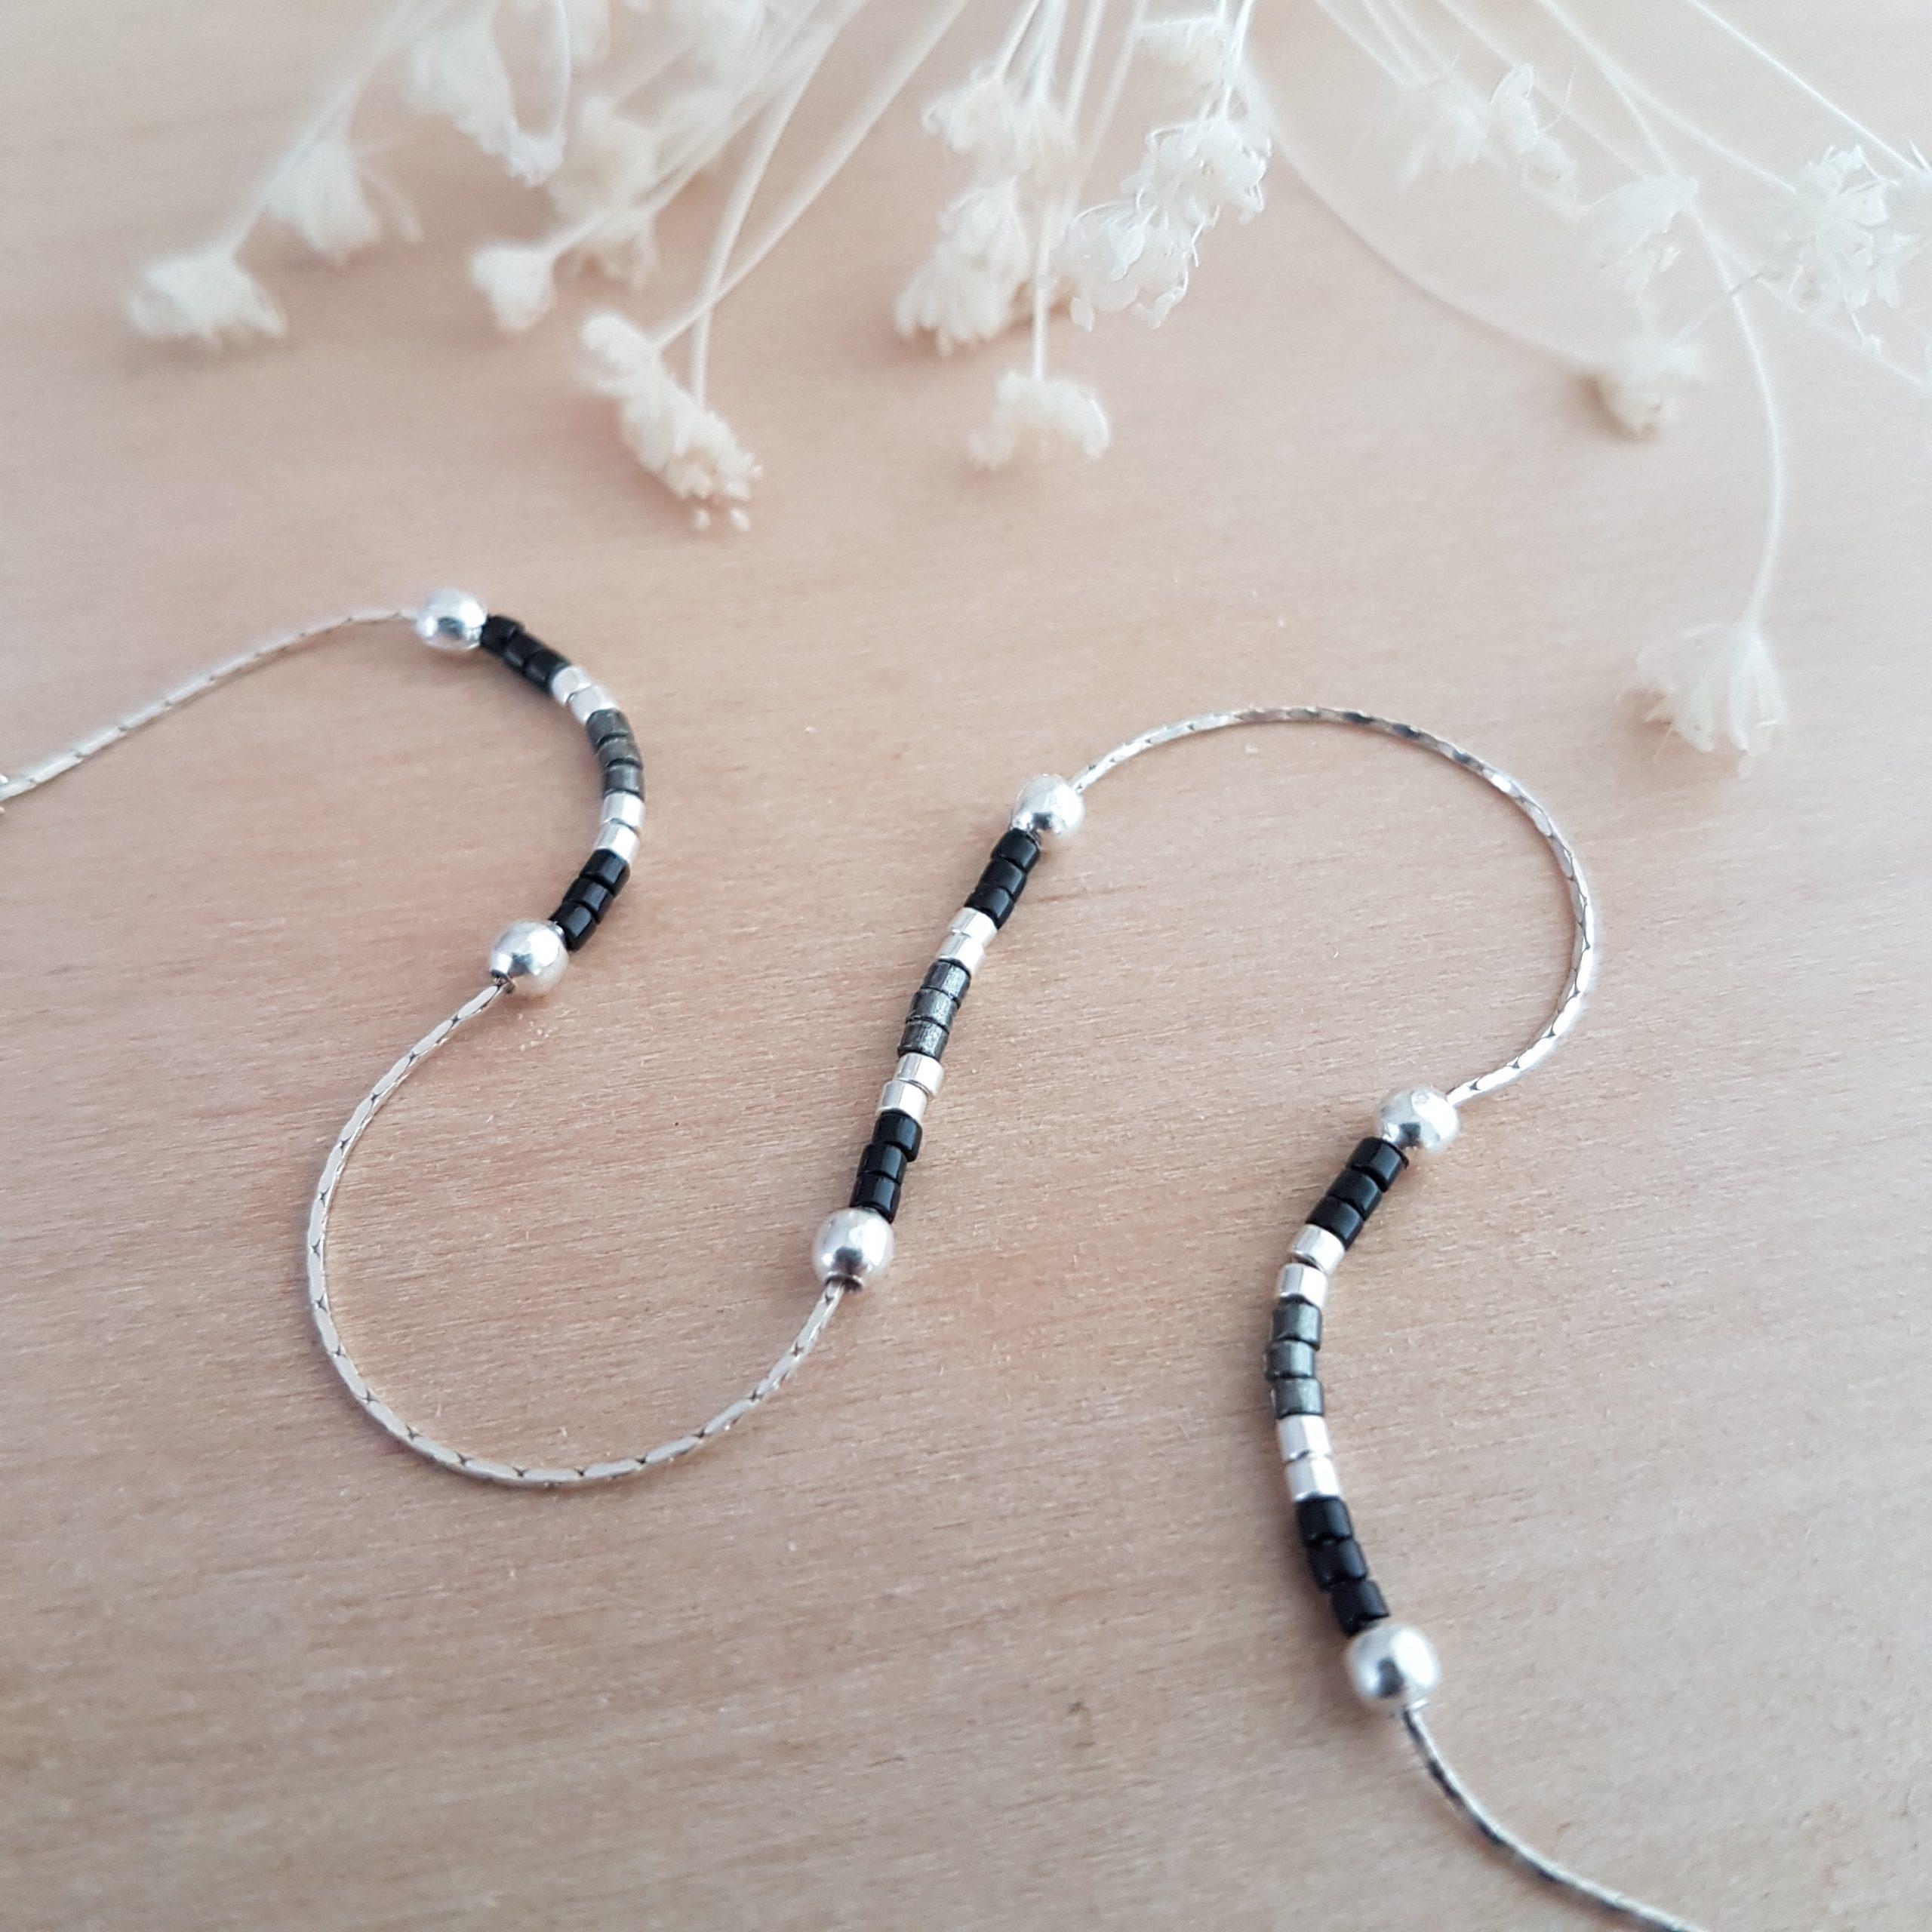 Cadeau Bijou artisanal lyon Chaîne de cheville Les petits cumulables noir argent 925 miyuki